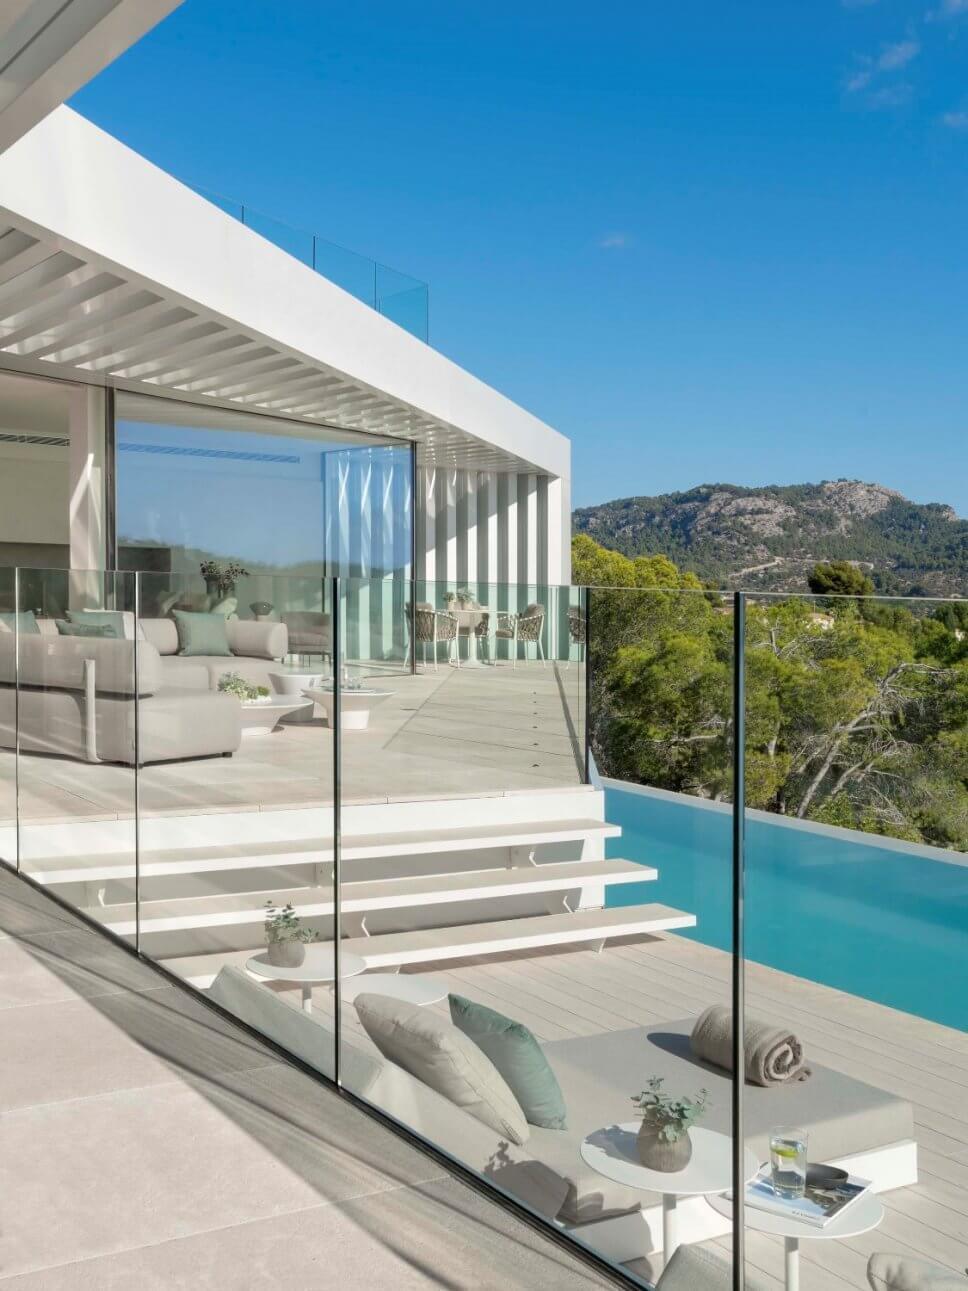 Terrasse mit zwei Sofas und zwei Liegen in moderner Villa mit Blick aufs Meer